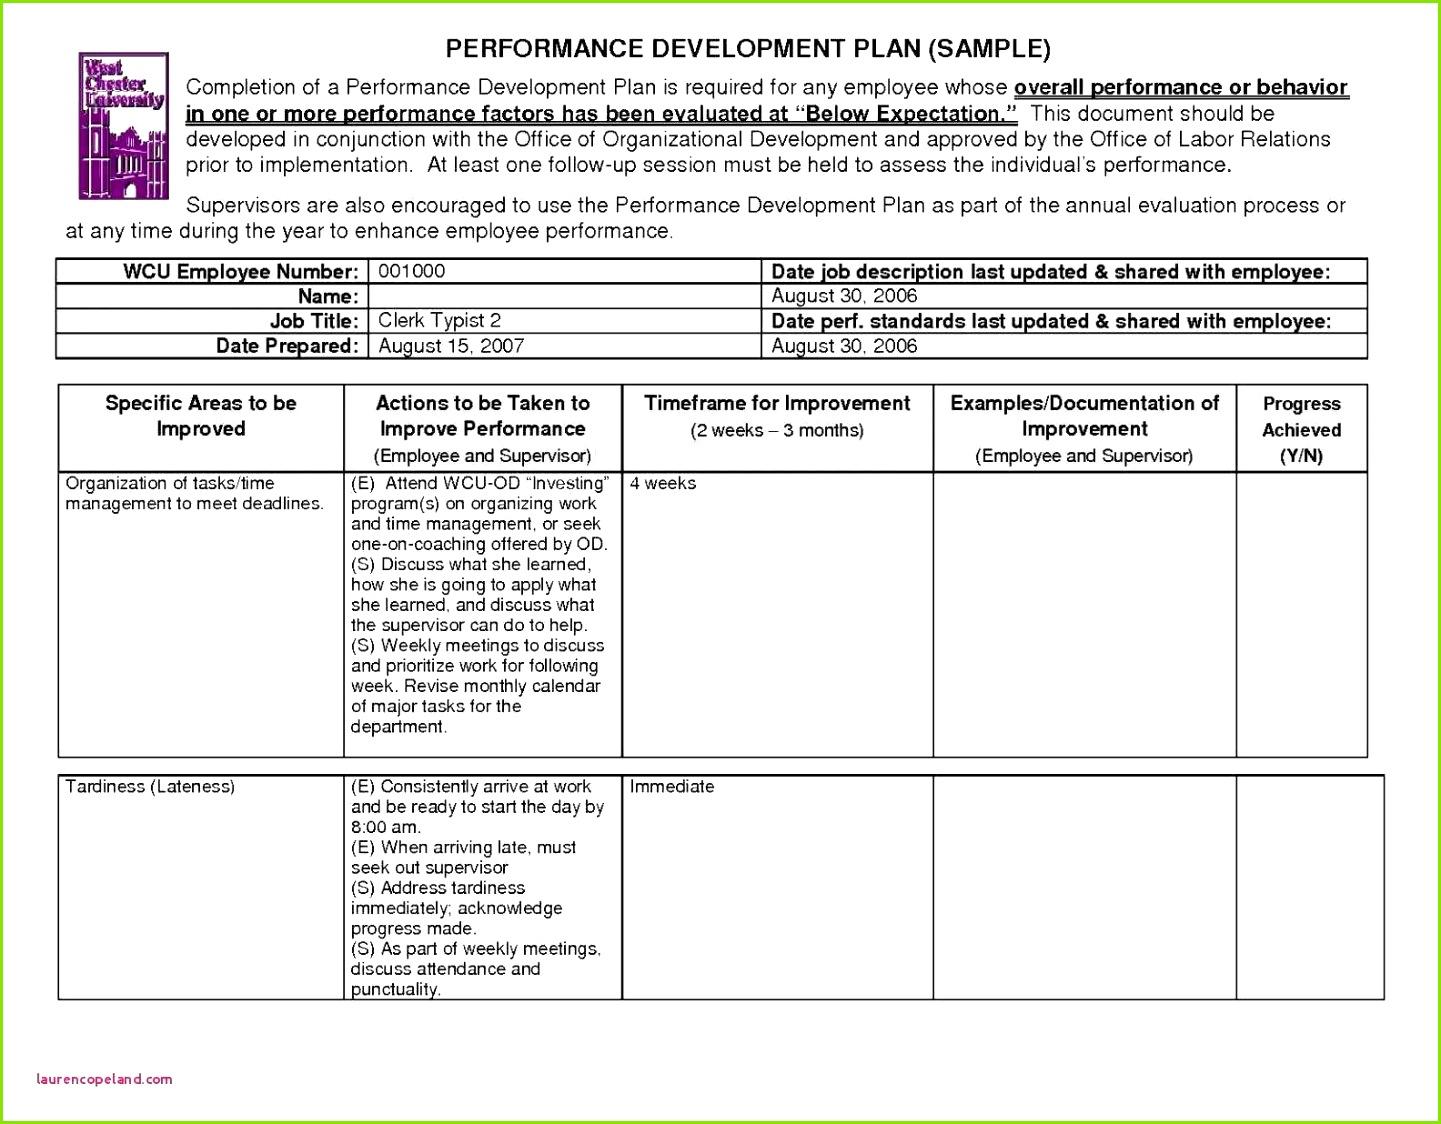 Arbeitsschutzbelehrung Vorlage Druckbare 60 Dienstplan Excel Vorlage Download Laurencopeland Arbeitsschutzbelehrung